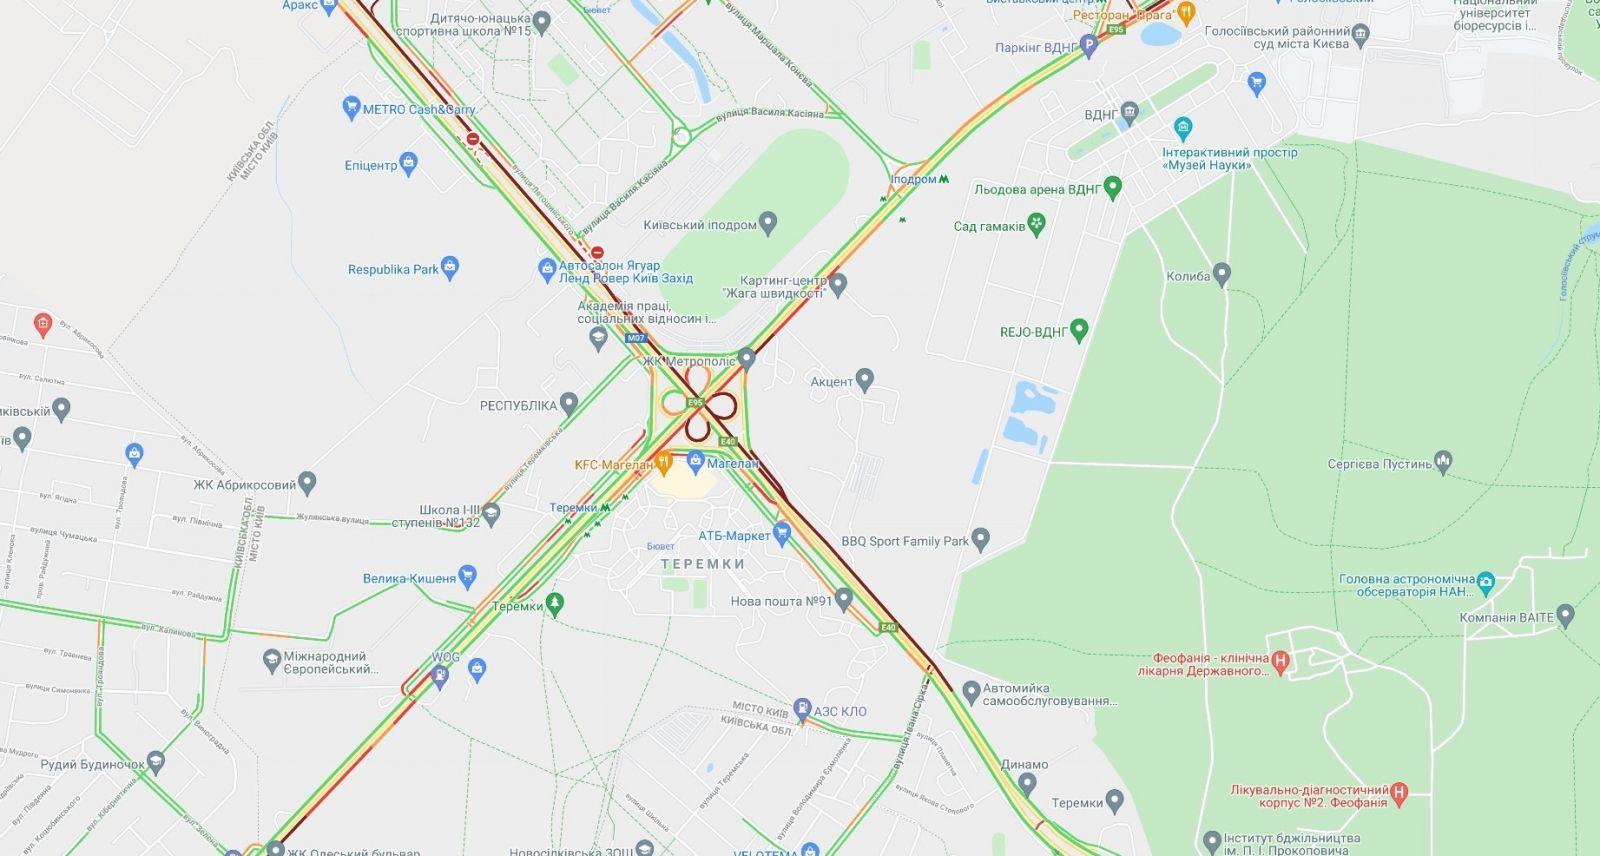 Пробки в Киеве, инфографика: Google Maps